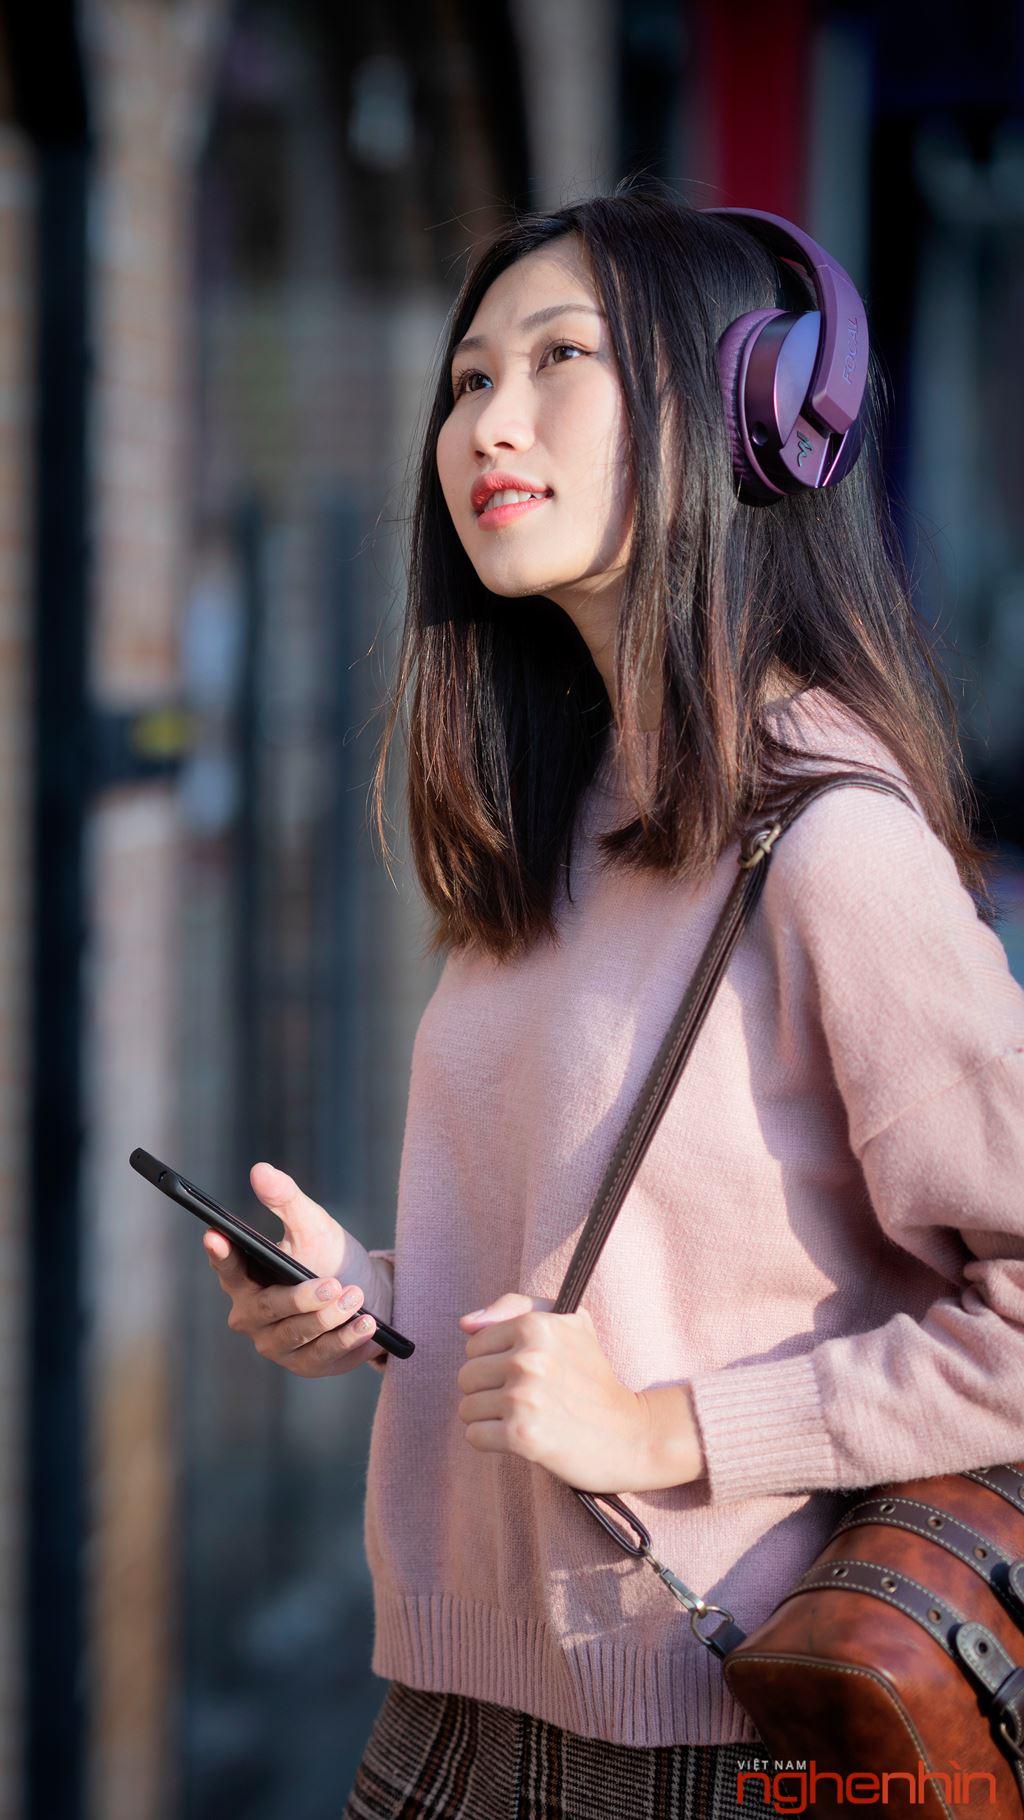 Focal Listen Wireless Chic thời trang, cá tính bên bóng hồng  ảnh 12